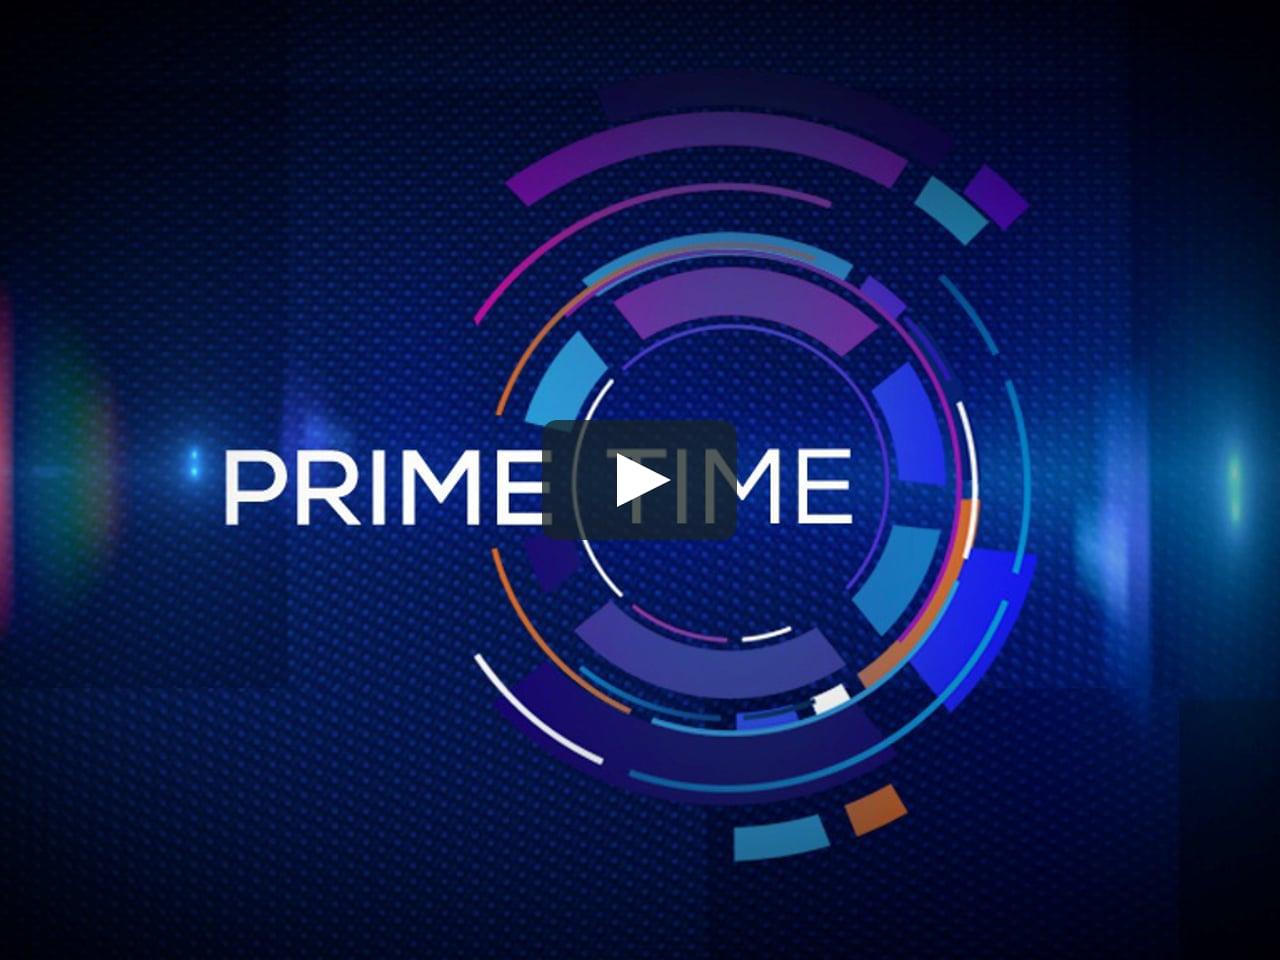 Прайм-тайм: самое дорогое время на телевидении | спецавтоматика - интернет